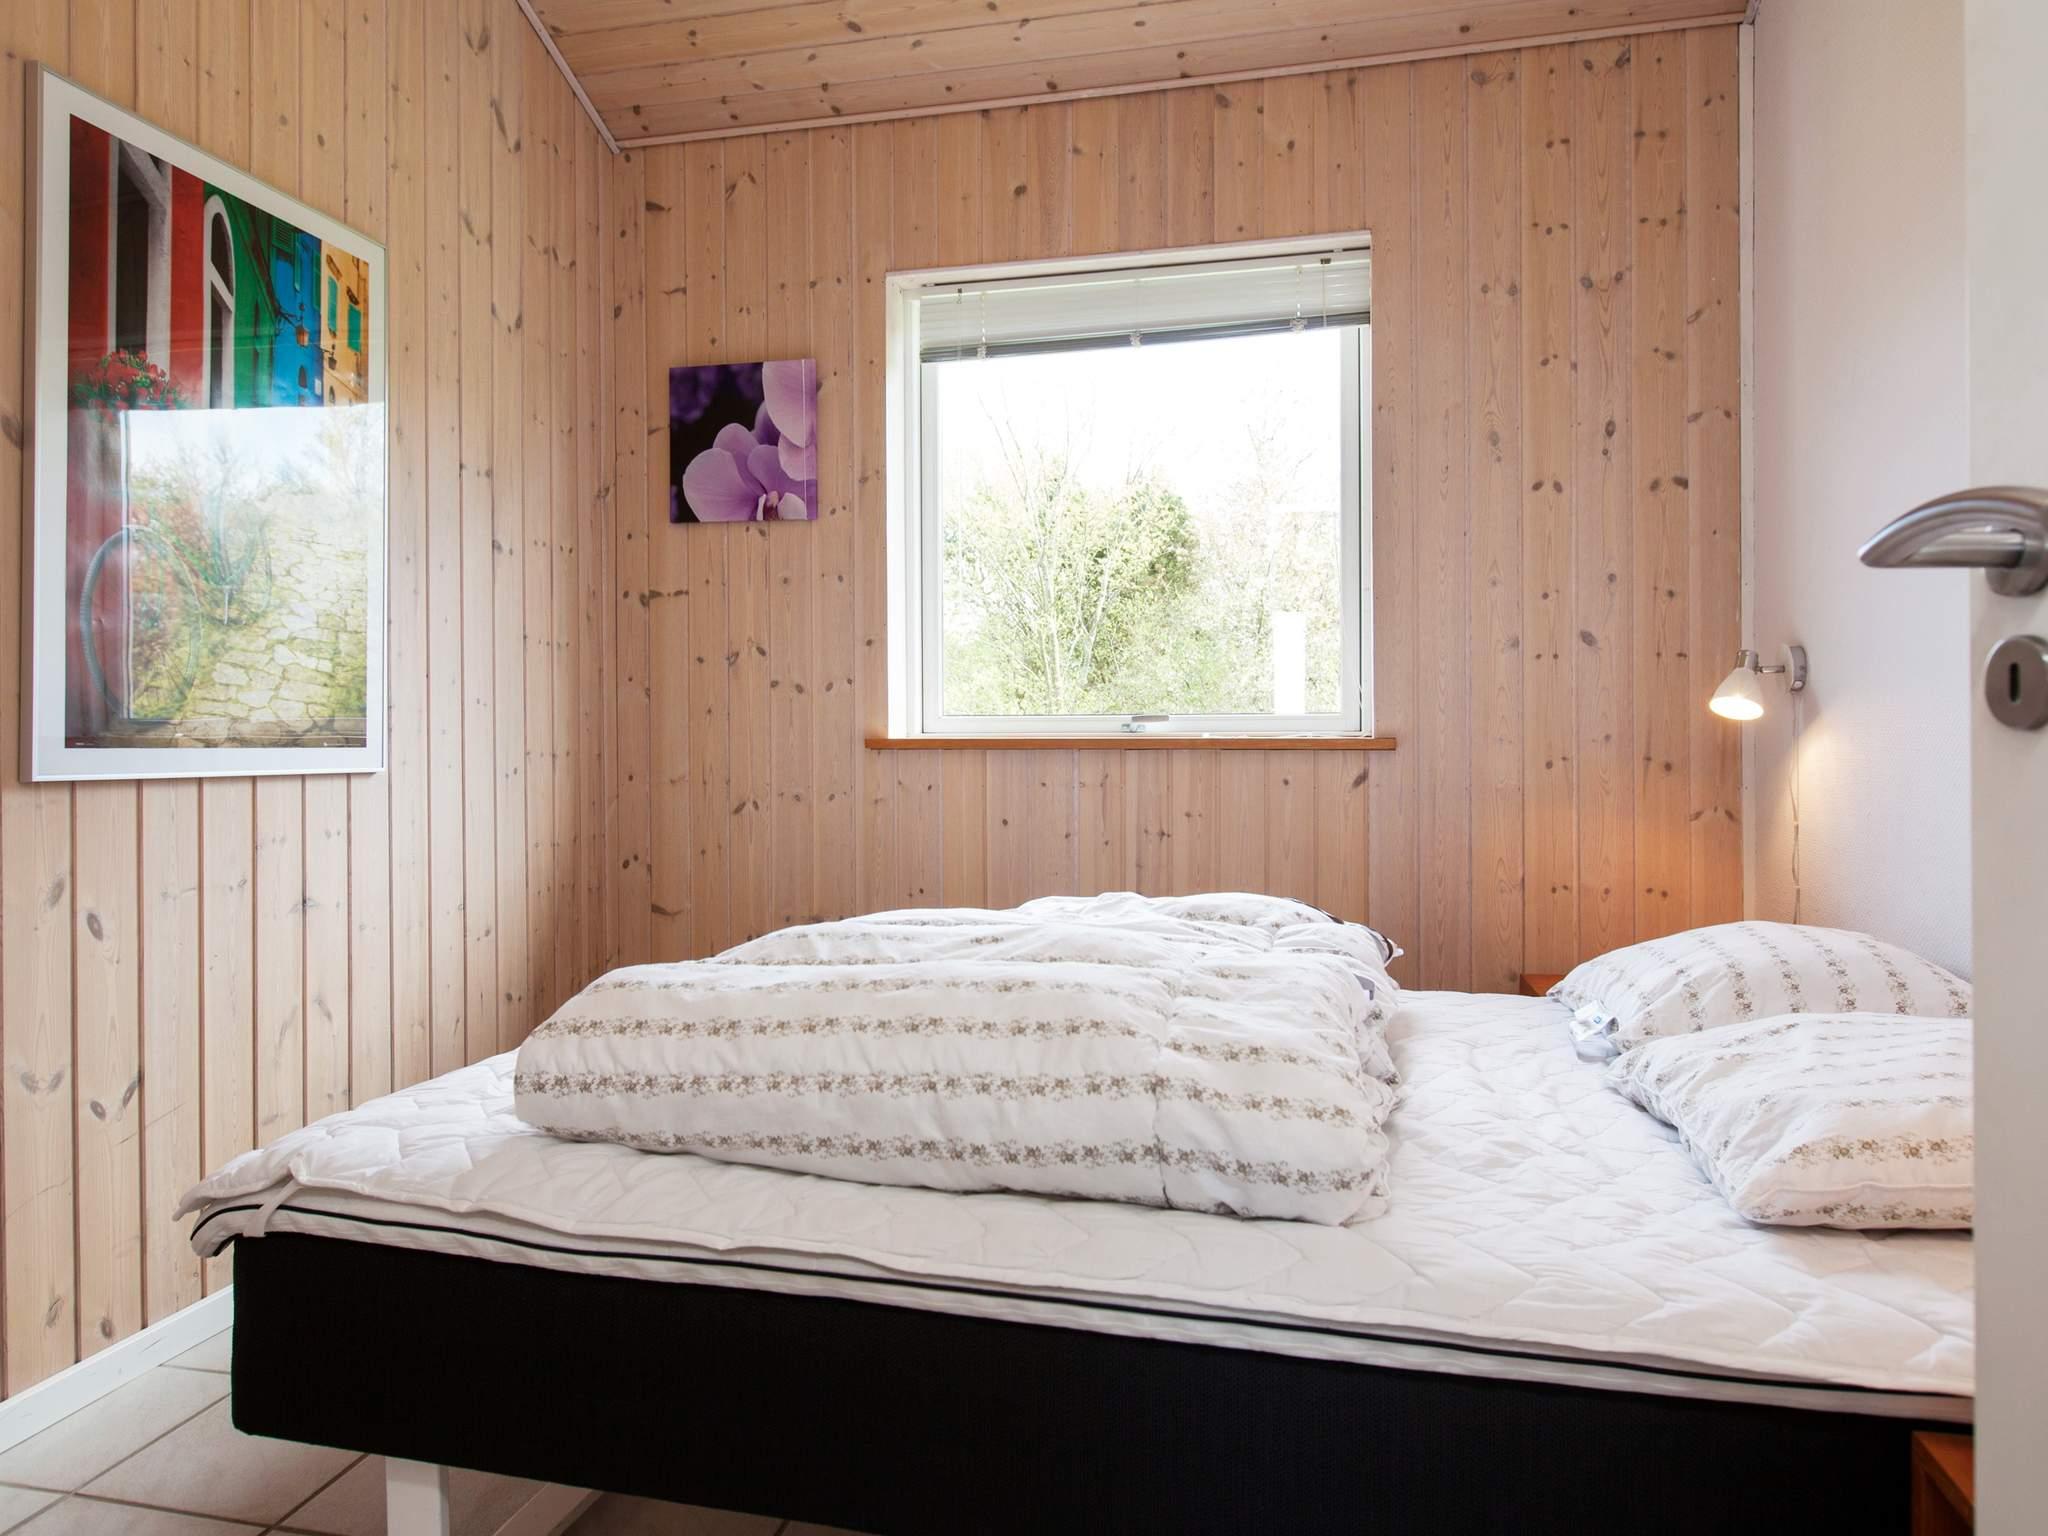 Ferienhaus Veddinge Bakker (2355598), Veddinge, , Westseeland, Dänemark, Bild 8